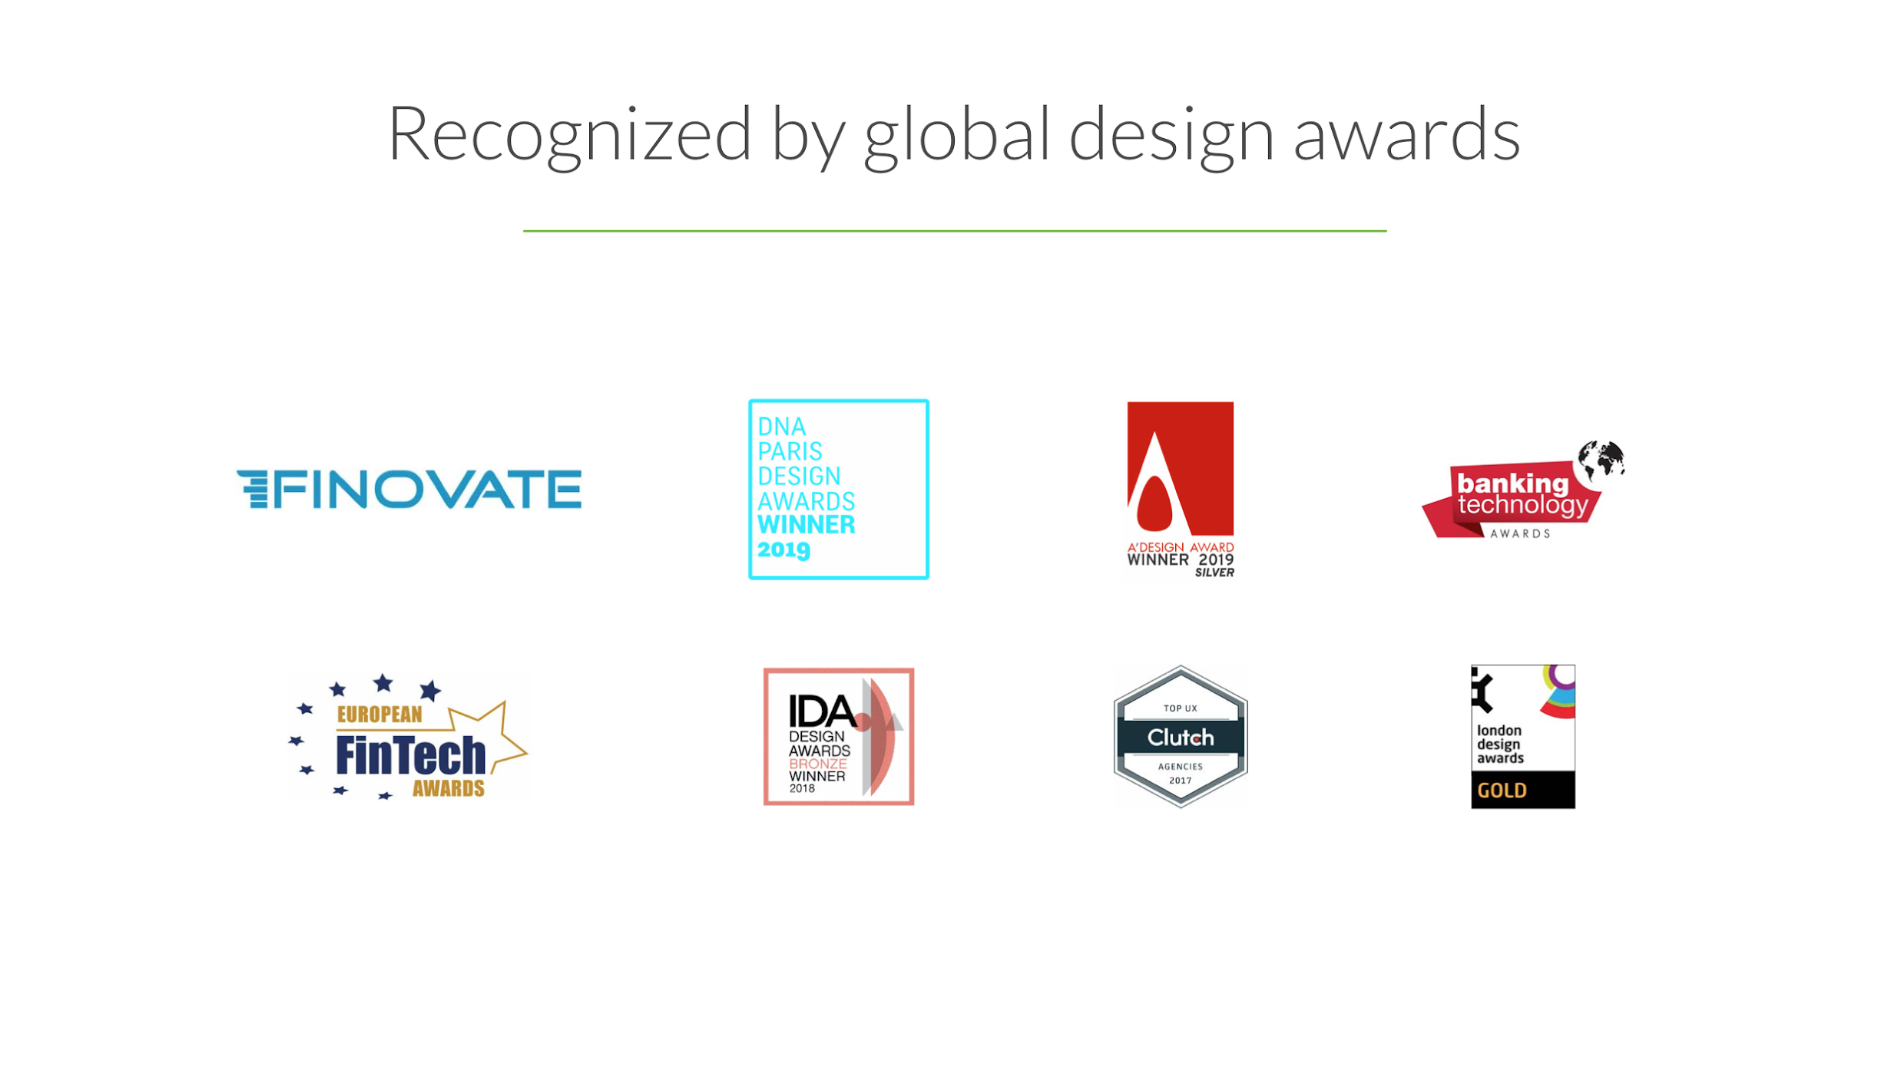 uxda-design-financial-awards